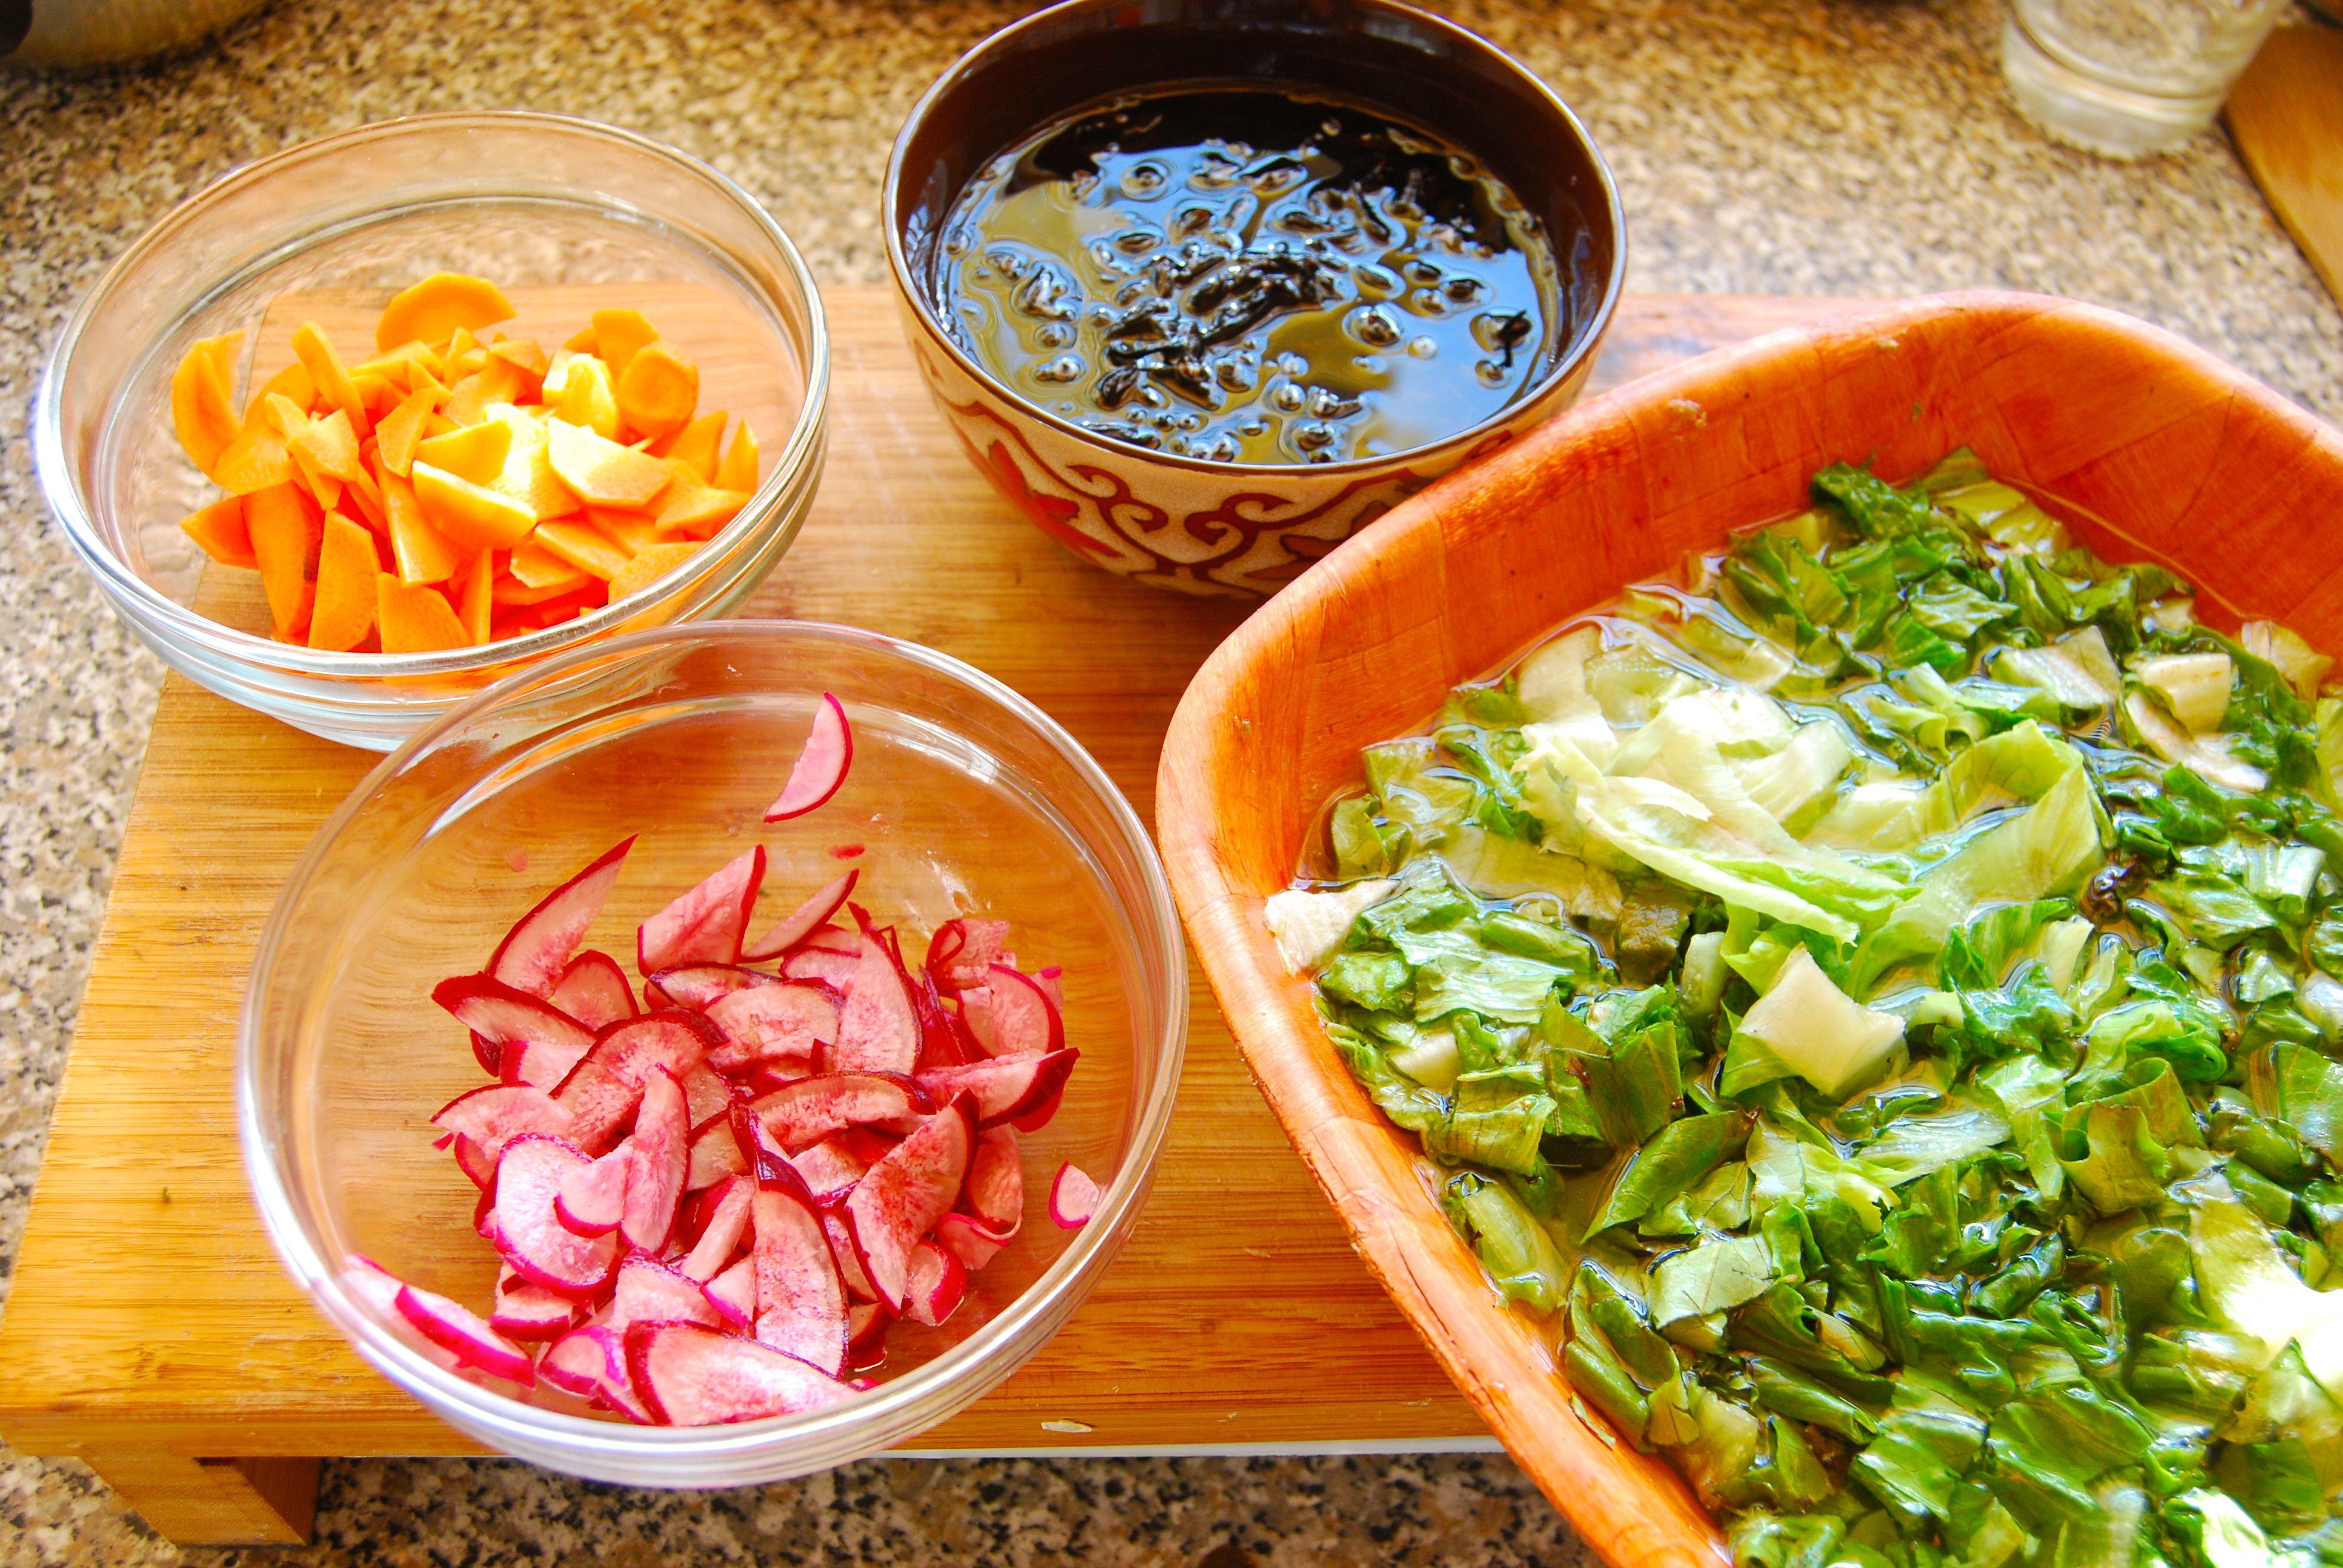 ingredientes para ensalada de algas